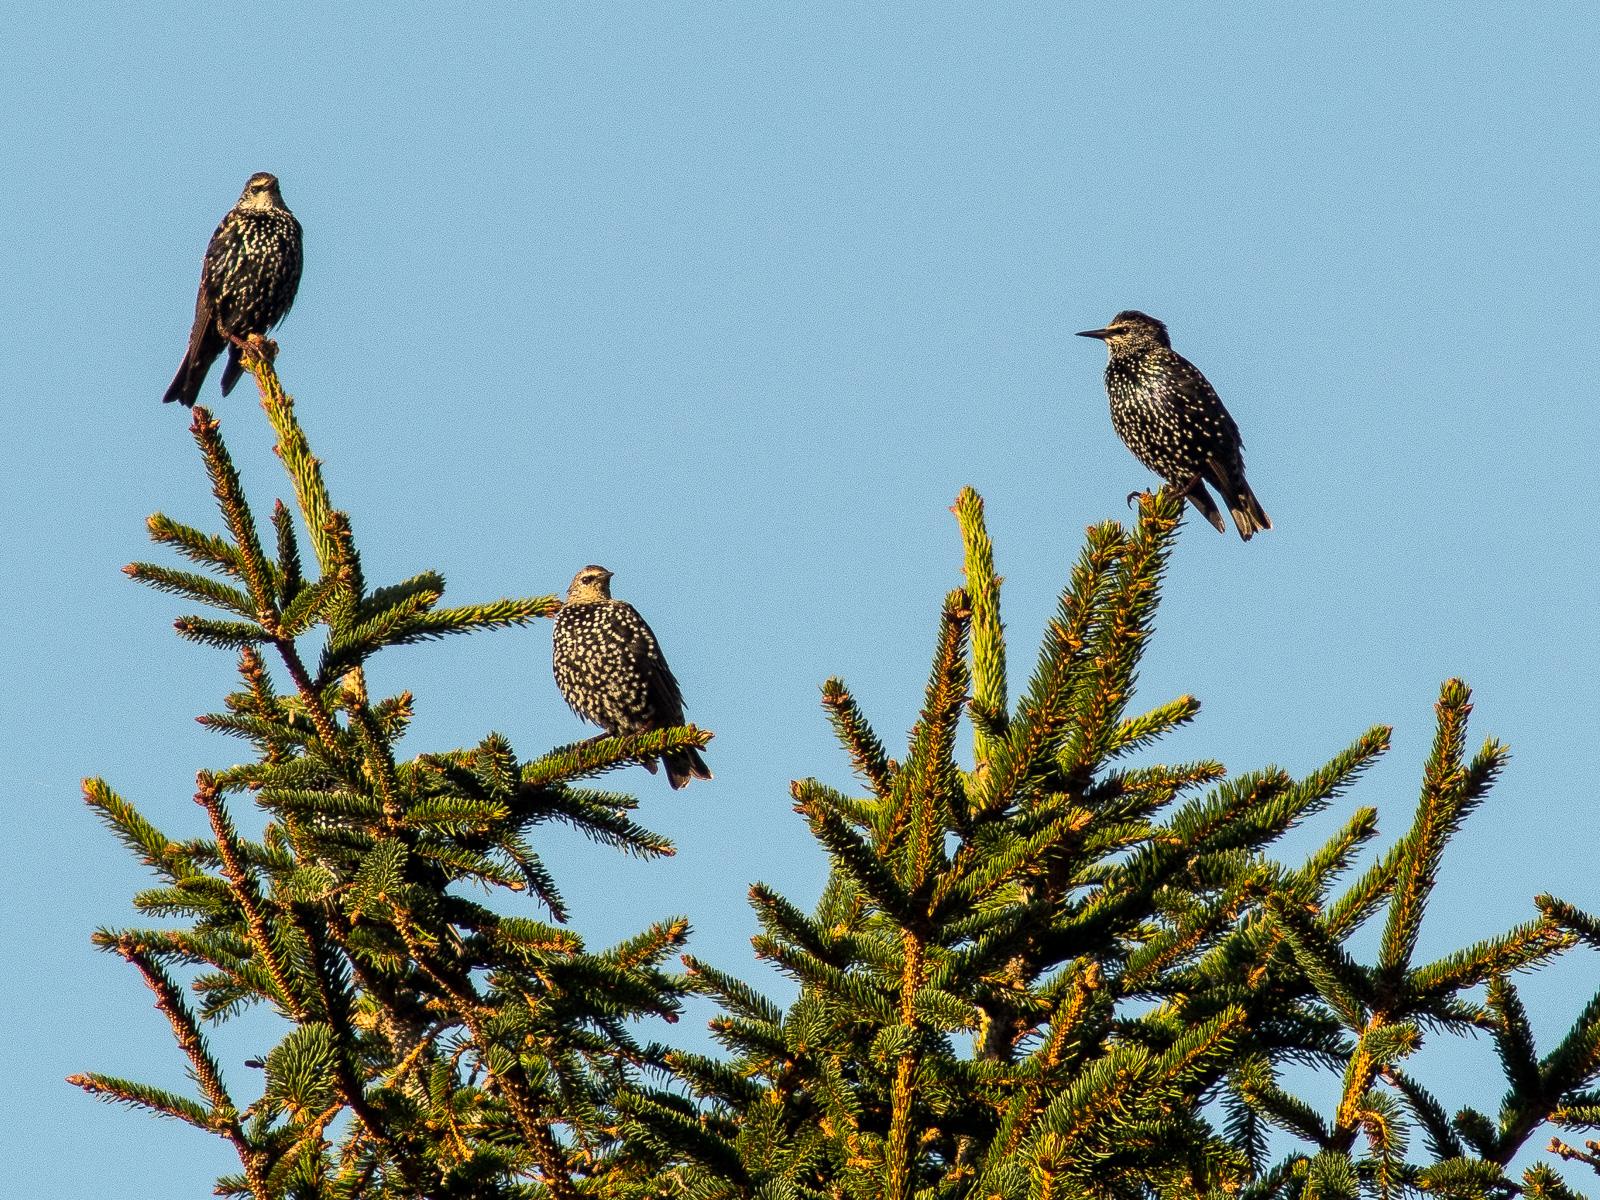 Drei Stare auf der Spitze eines Nadelbaums